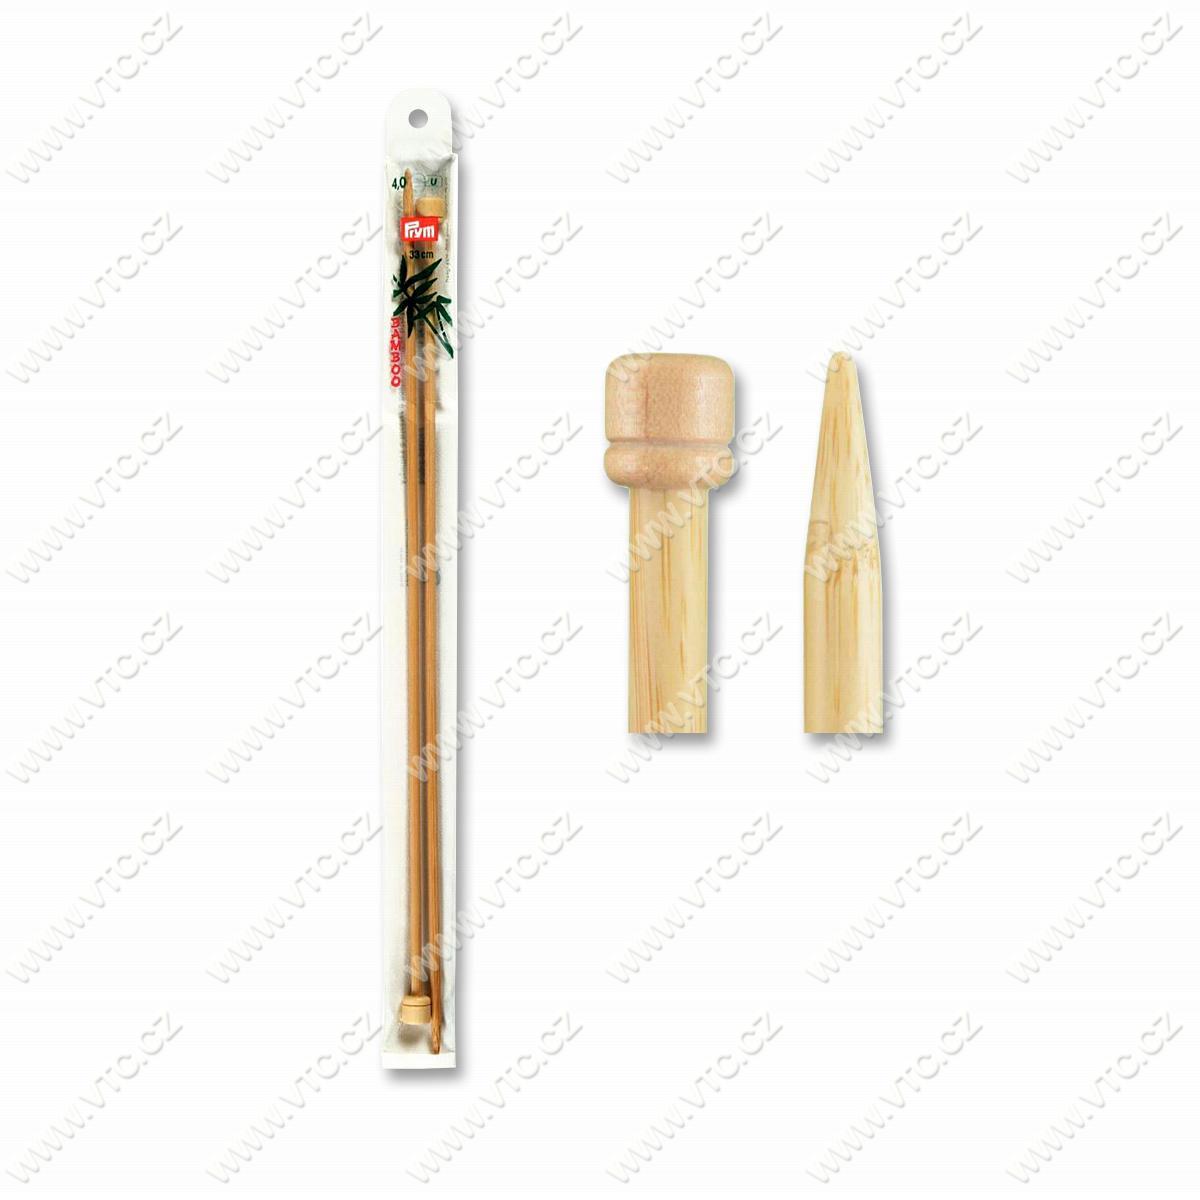 Knitting Needle Hs Code : Knitting cm mm bamb vtc jsc